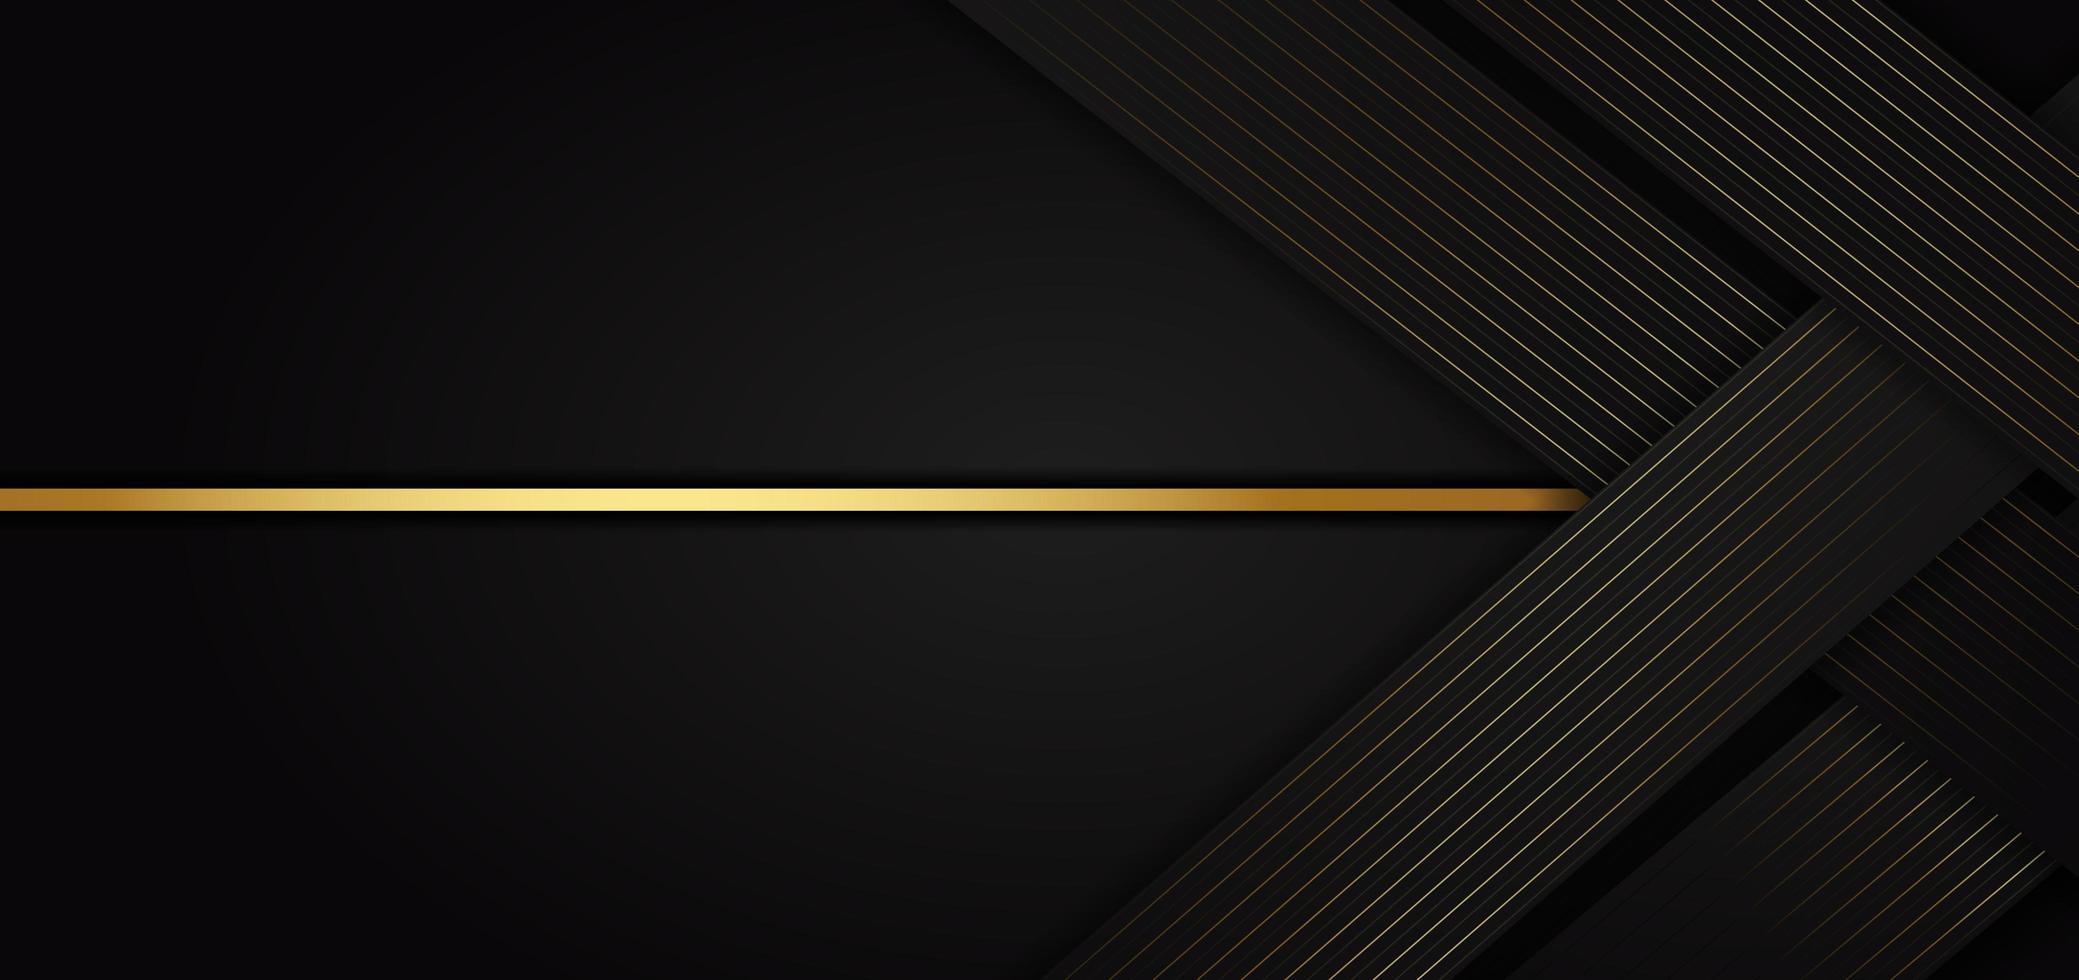 modello astratto con elementi neri e oro vettore